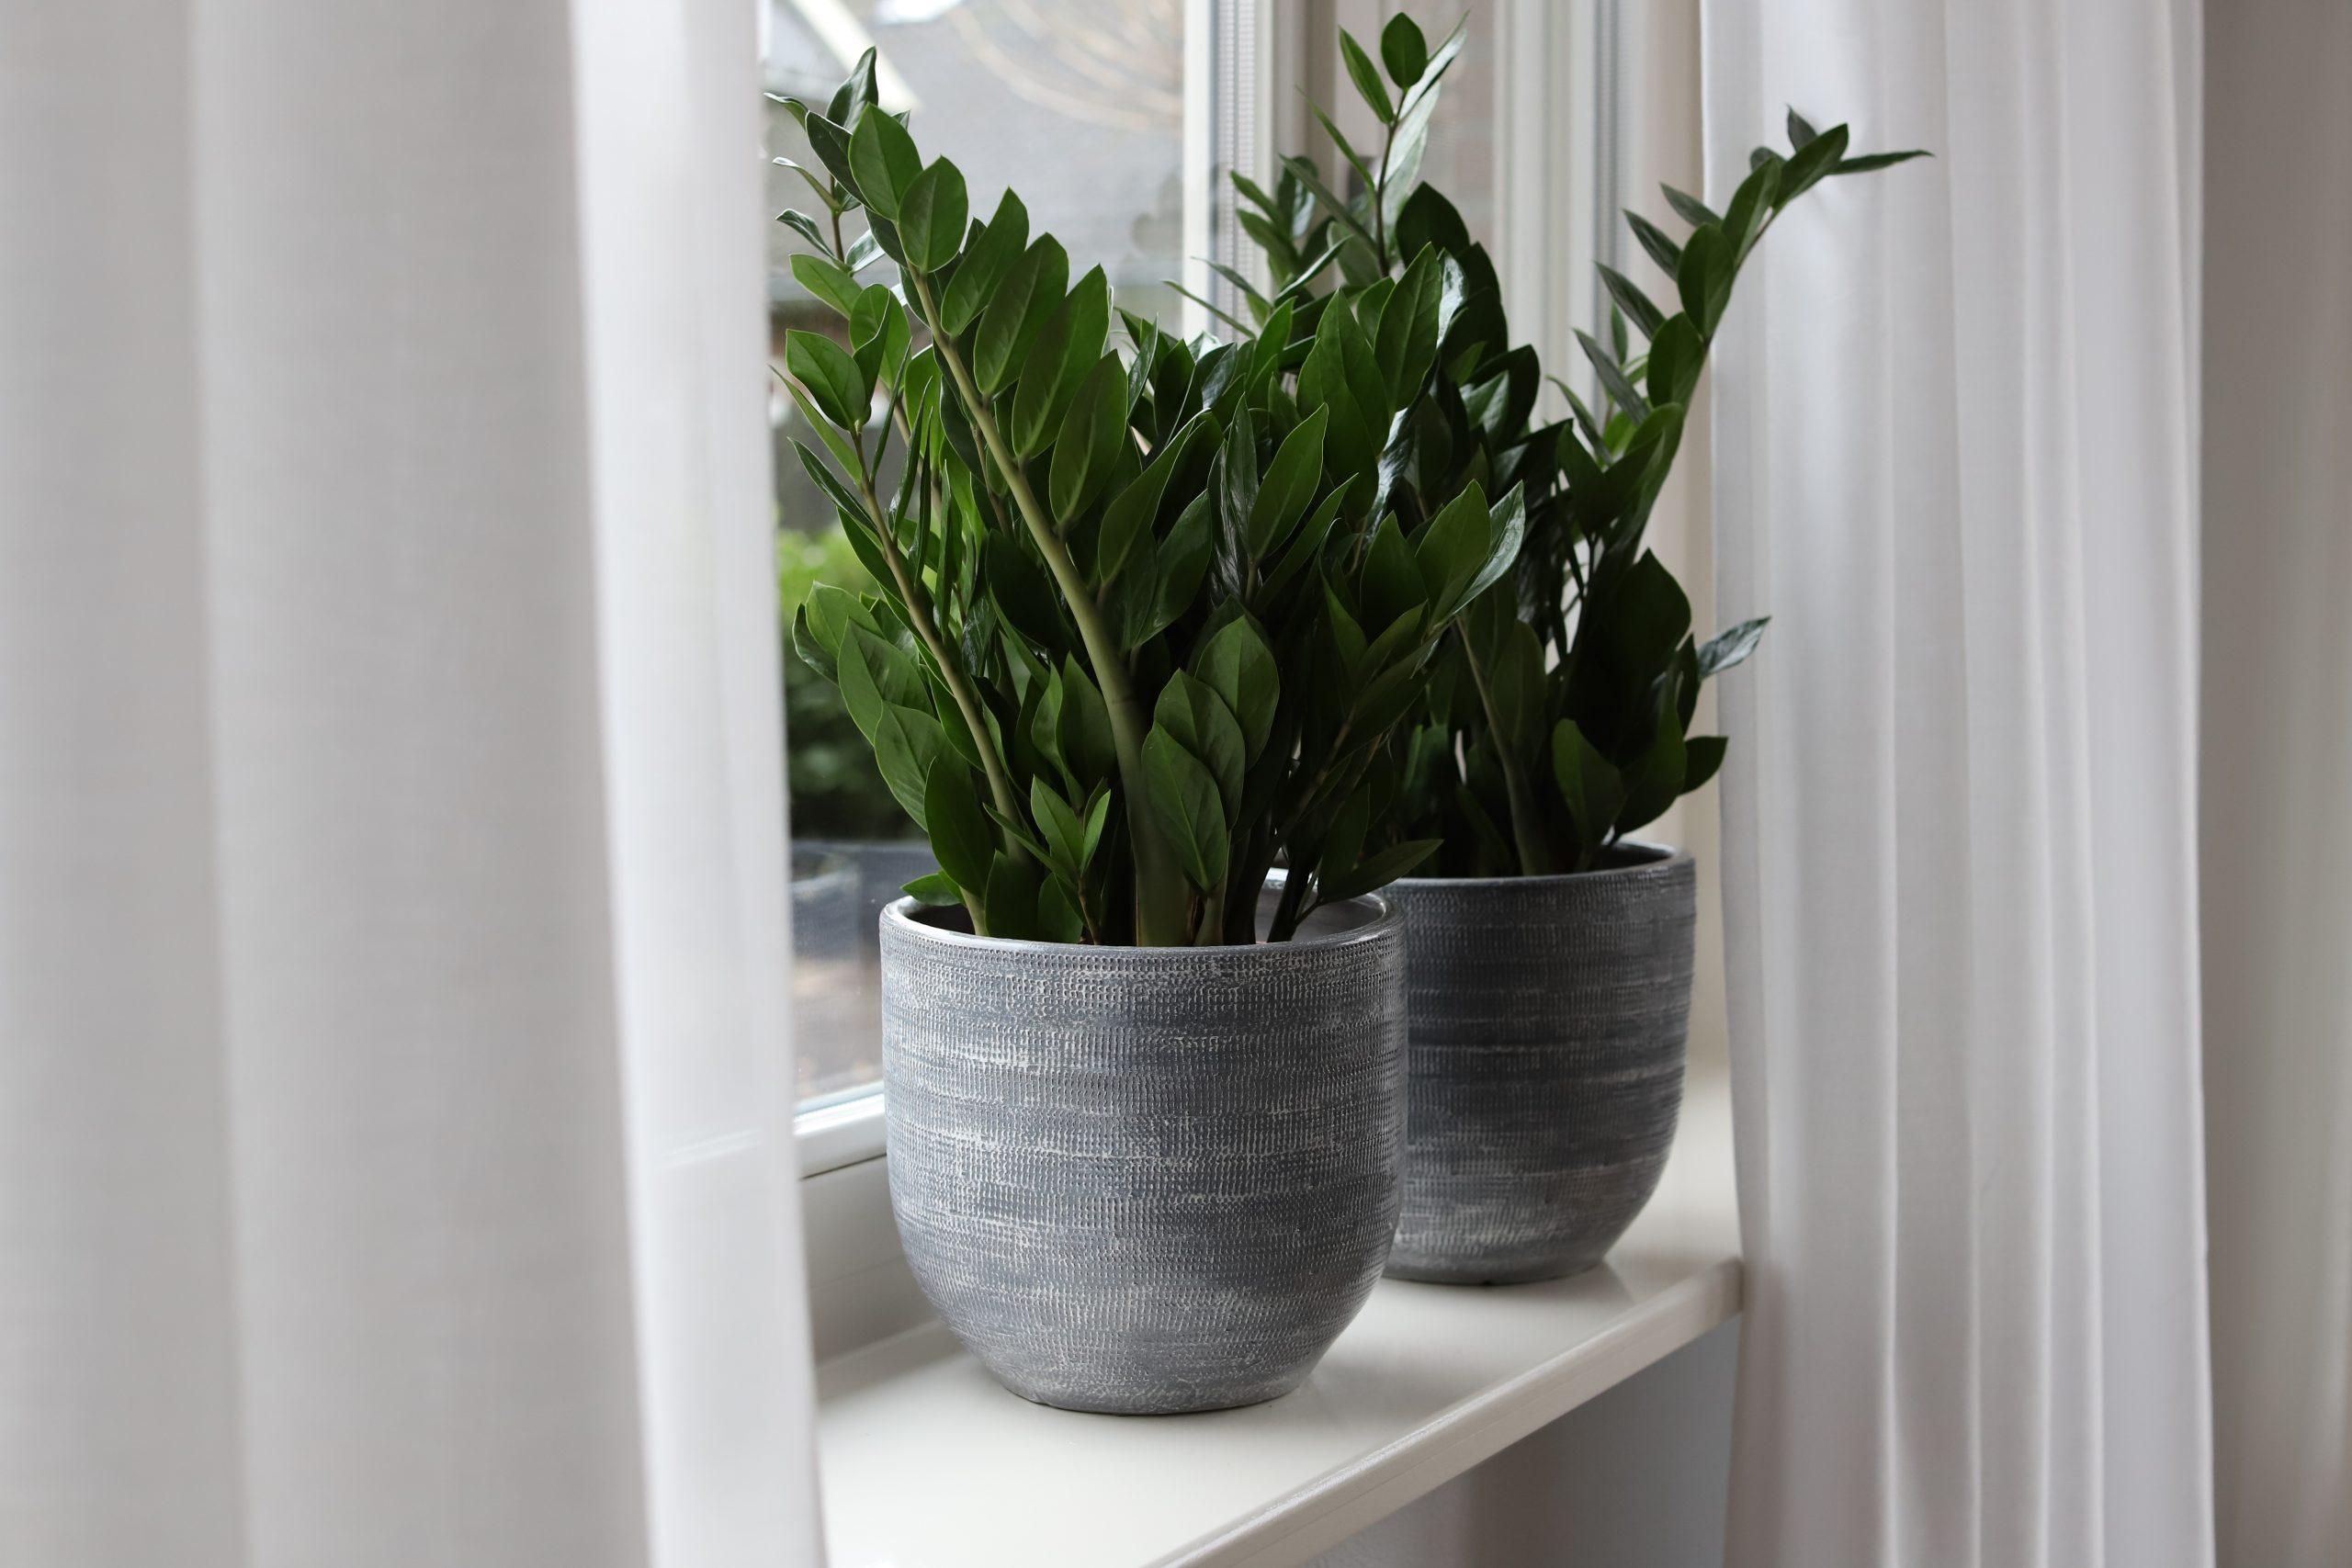 Bekijk hier de potten en vazen in lood en grijs uit de Stockholm serie